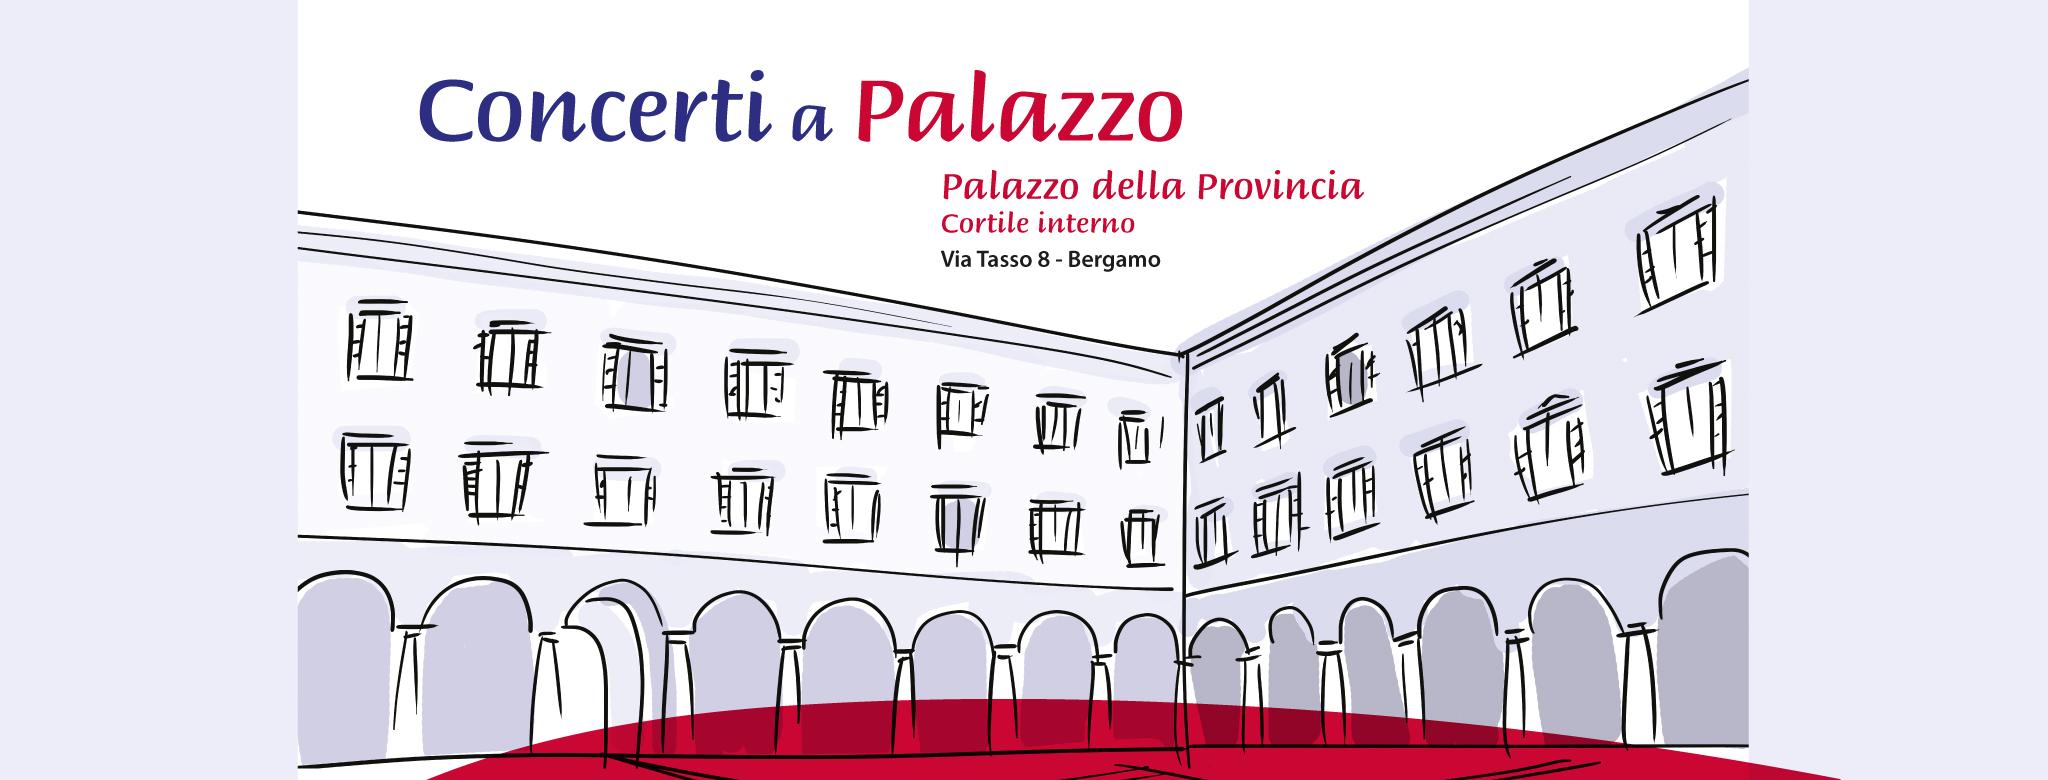 abbm-concerti-a-palazzo-2019-cover-fb